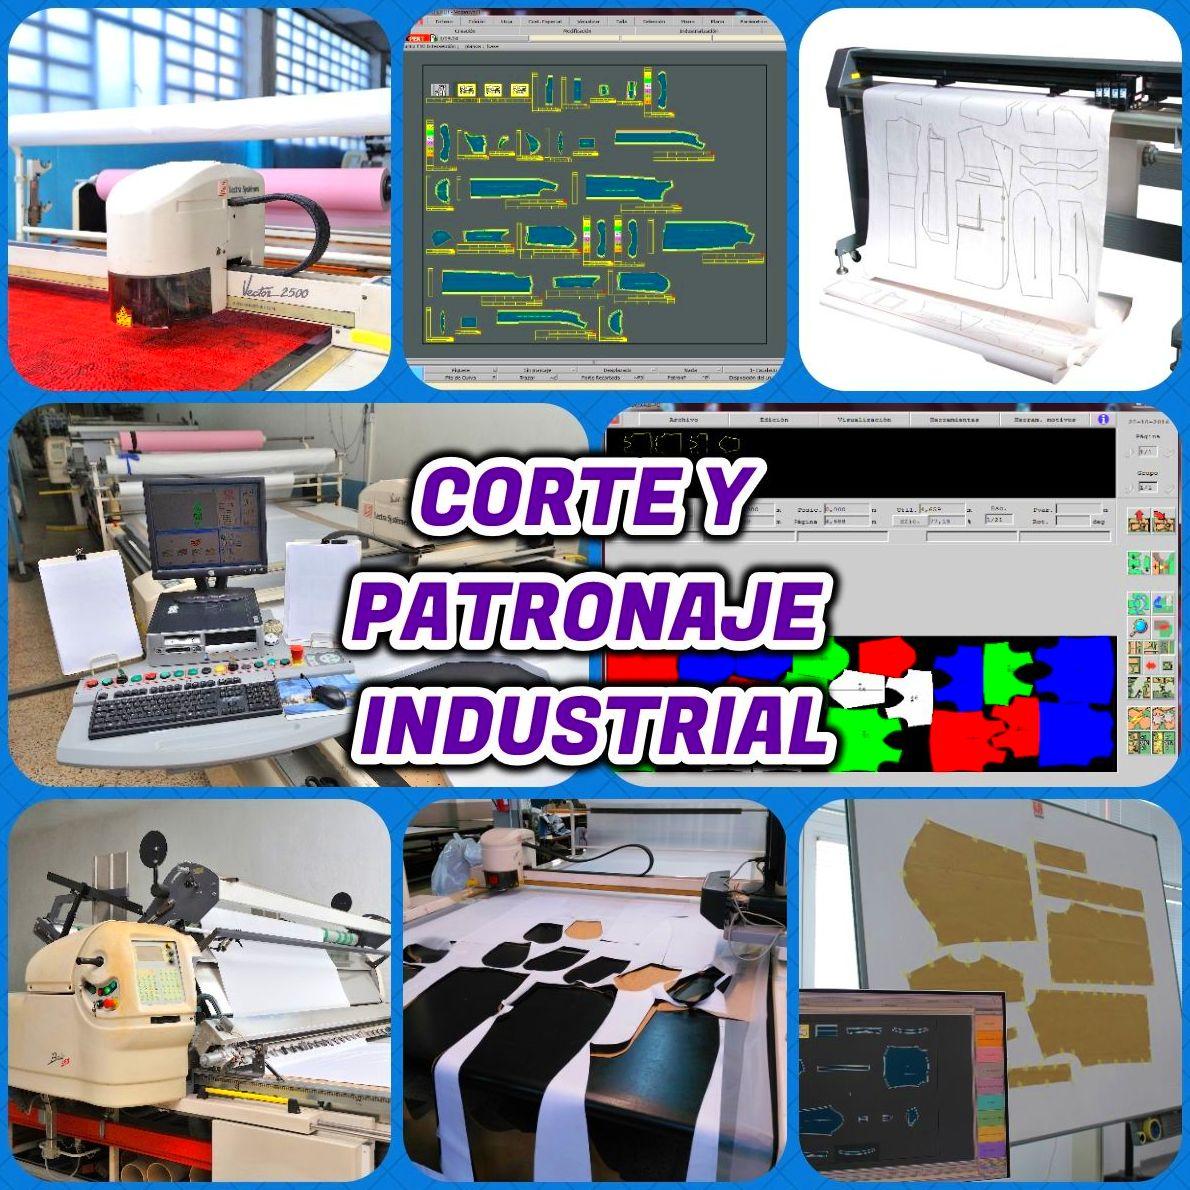 Corte y patronaje industrial: Productos de Cotexma